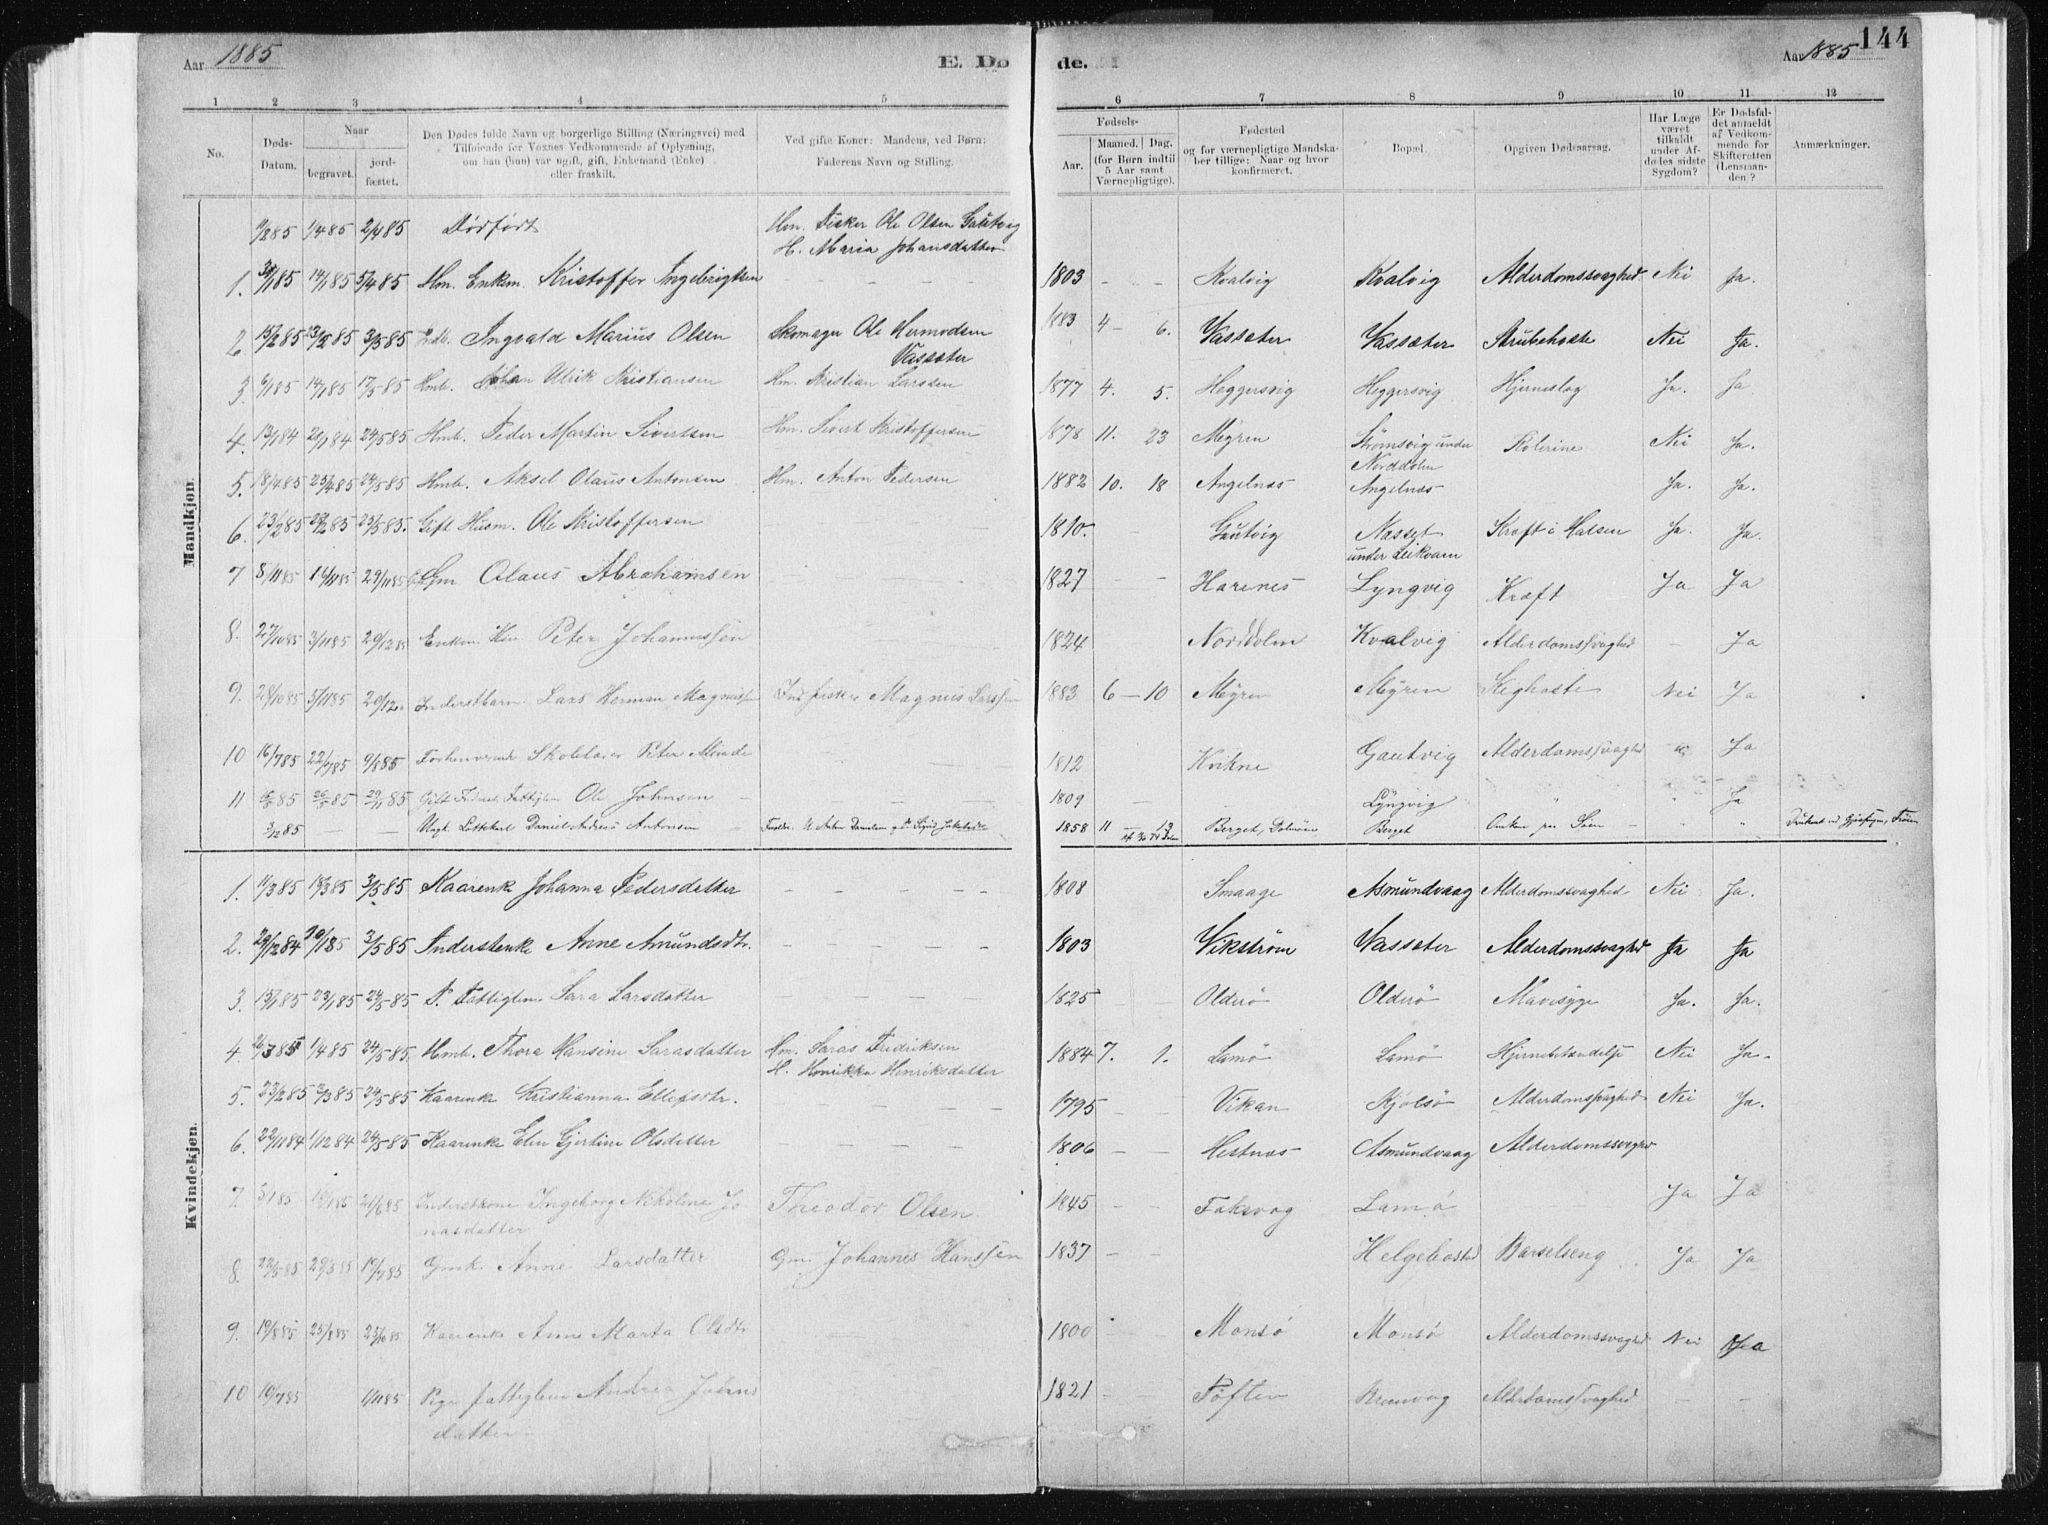 SAT, Ministerialprotokoller, klokkerbøker og fødselsregistre - Sør-Trøndelag, 634/L0533: Ministerialbok nr. 634A09, 1882-1901, s. 144